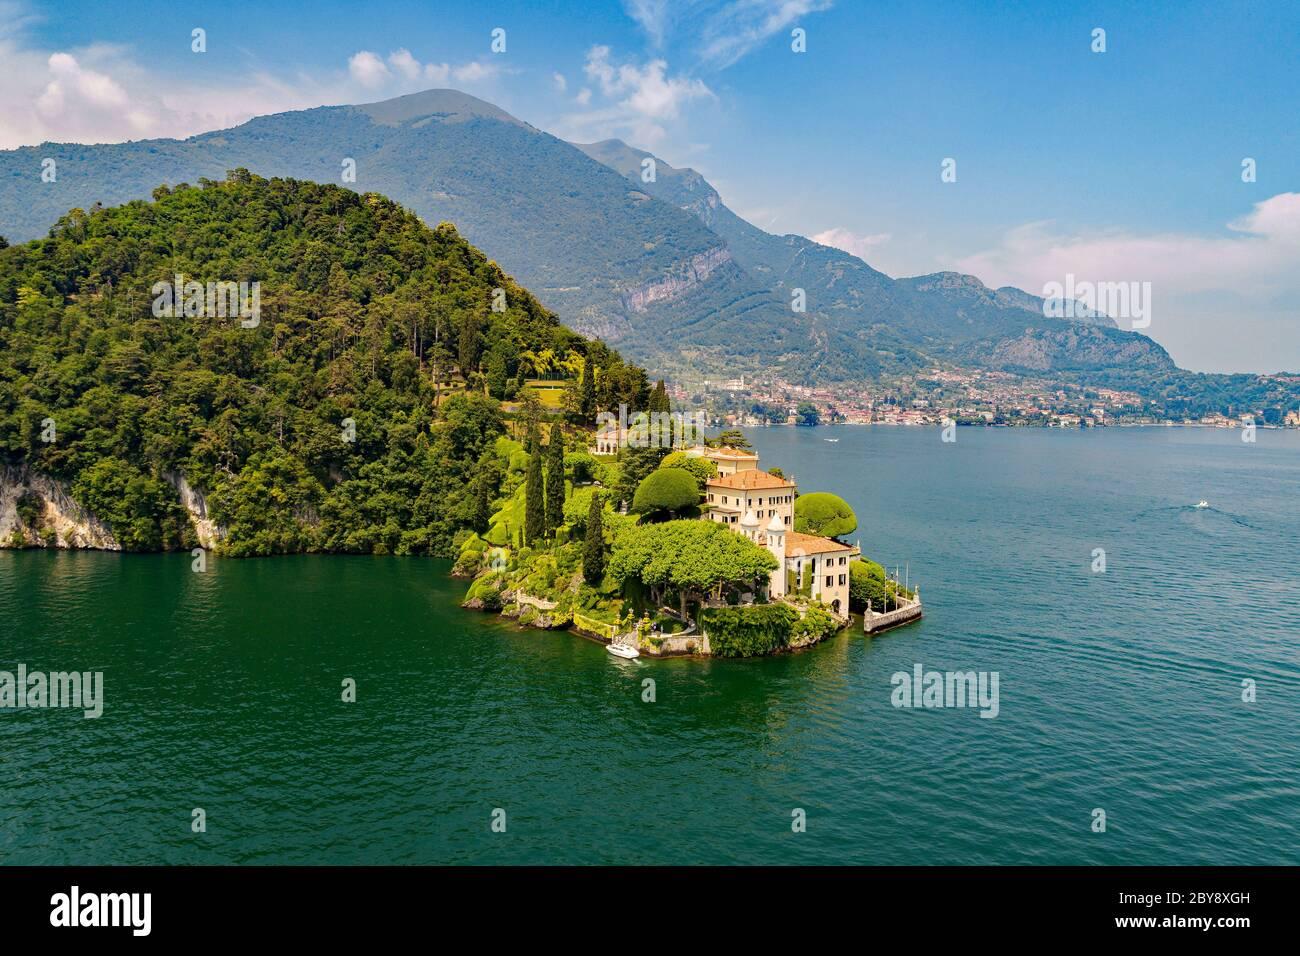 Villa del Balbianello (1787) - Lavedo - Lenno - Lake Como (IT) - Aerial View Stock Photo